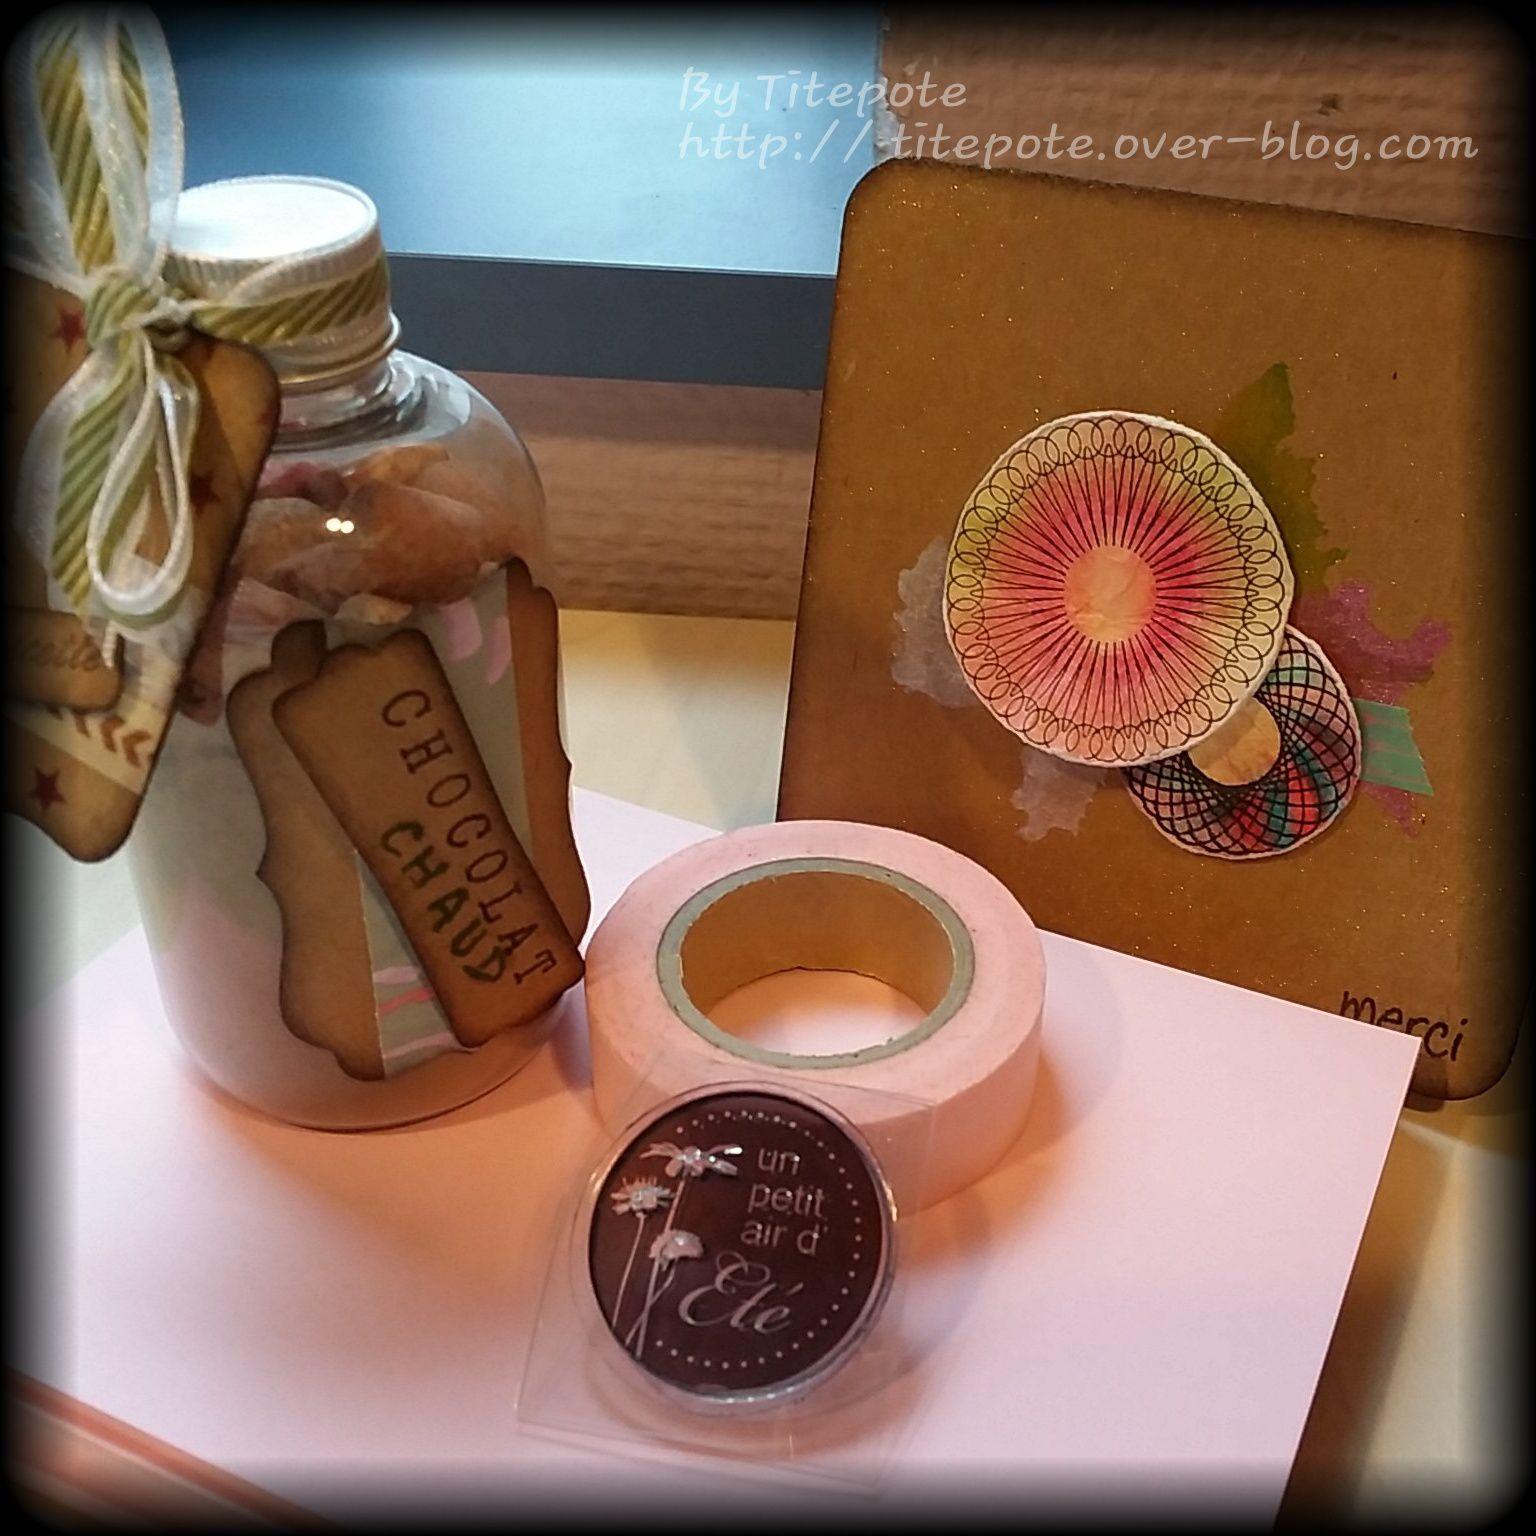 Le lot N°3 reçu par Sand - 1 ptite carte, 1 masking tape, 1 tampon et 1 kit personnalisé pour faire des chocolats chauds :)